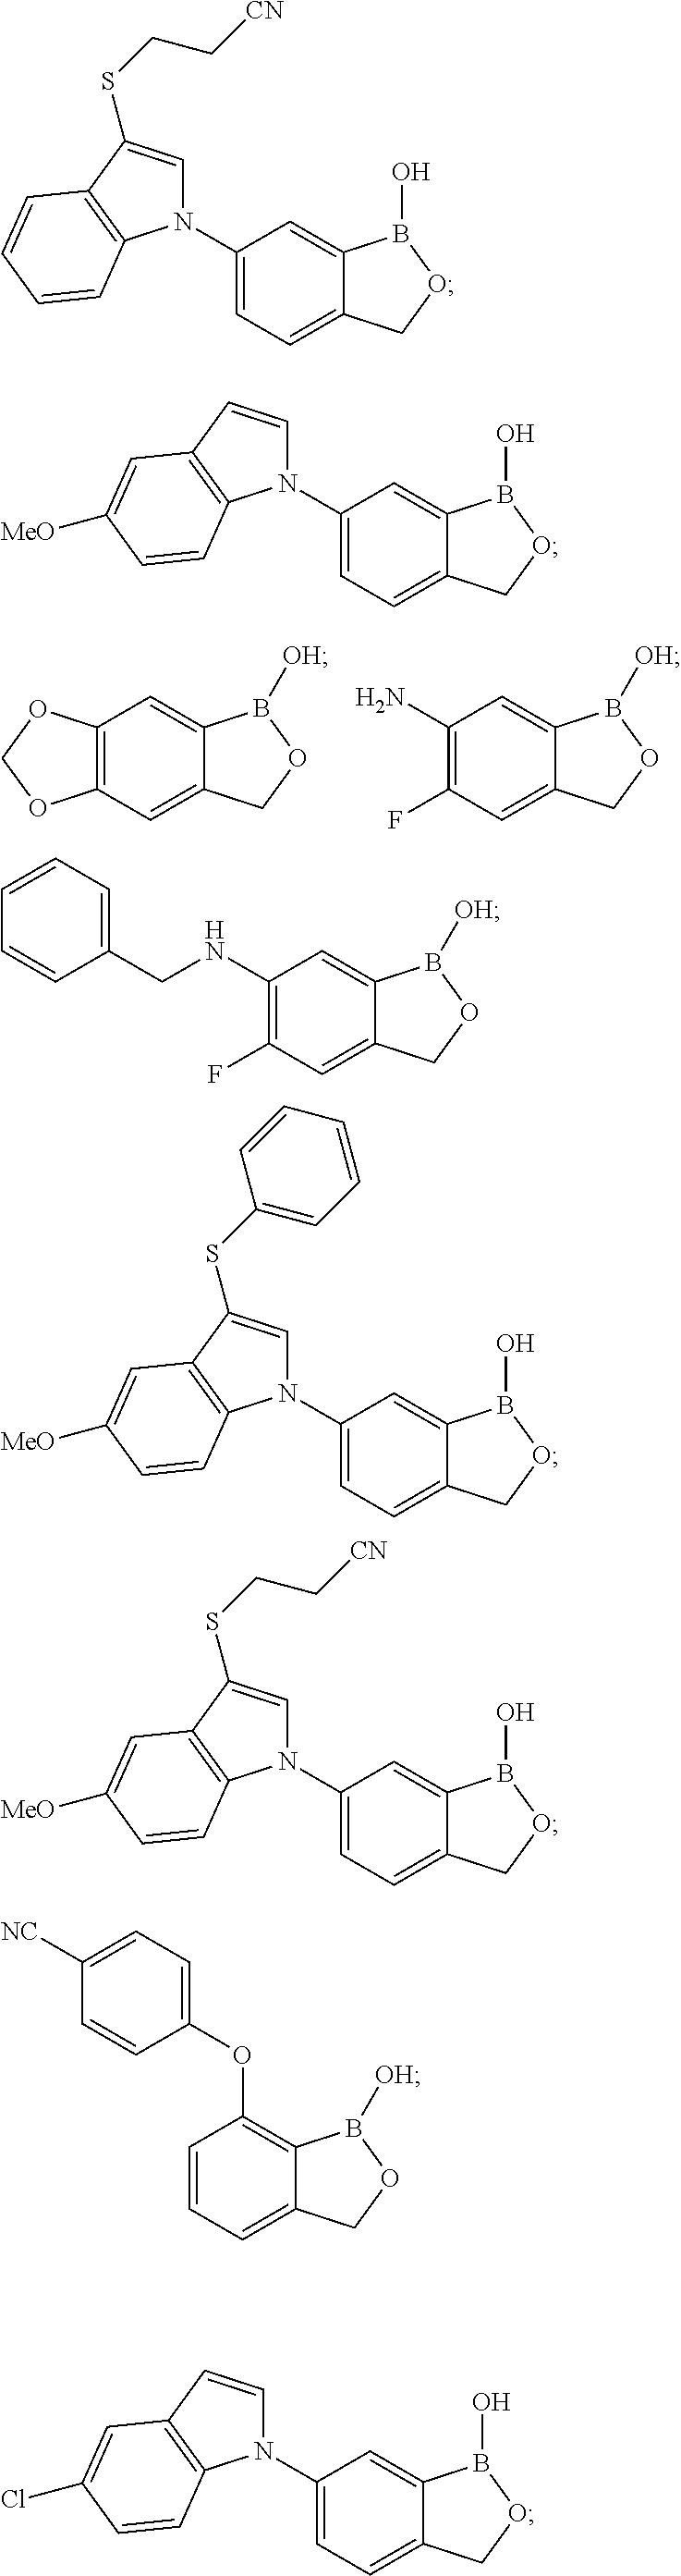 Figure US09566289-20170214-C00028